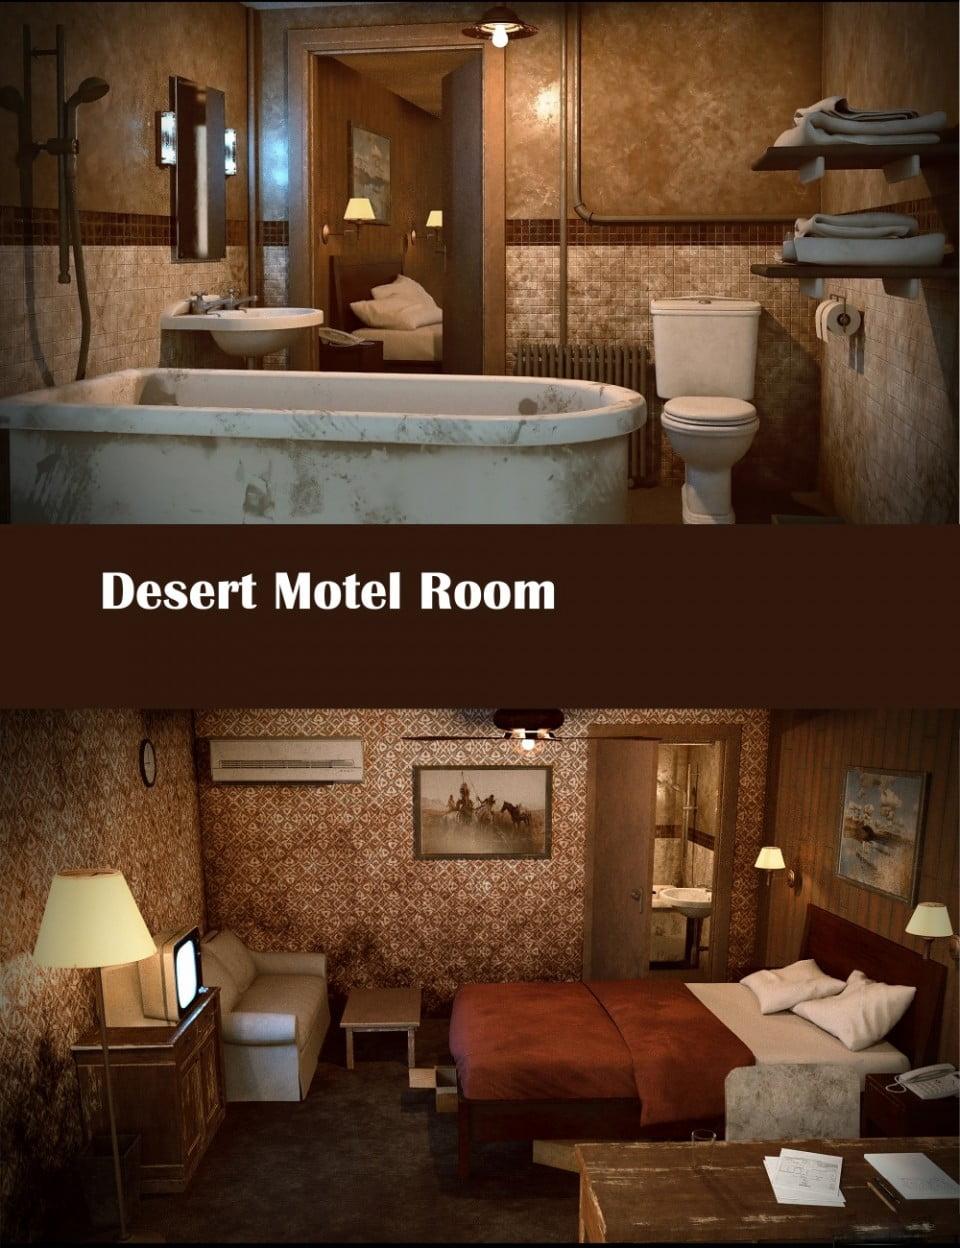 Desert Motel Room